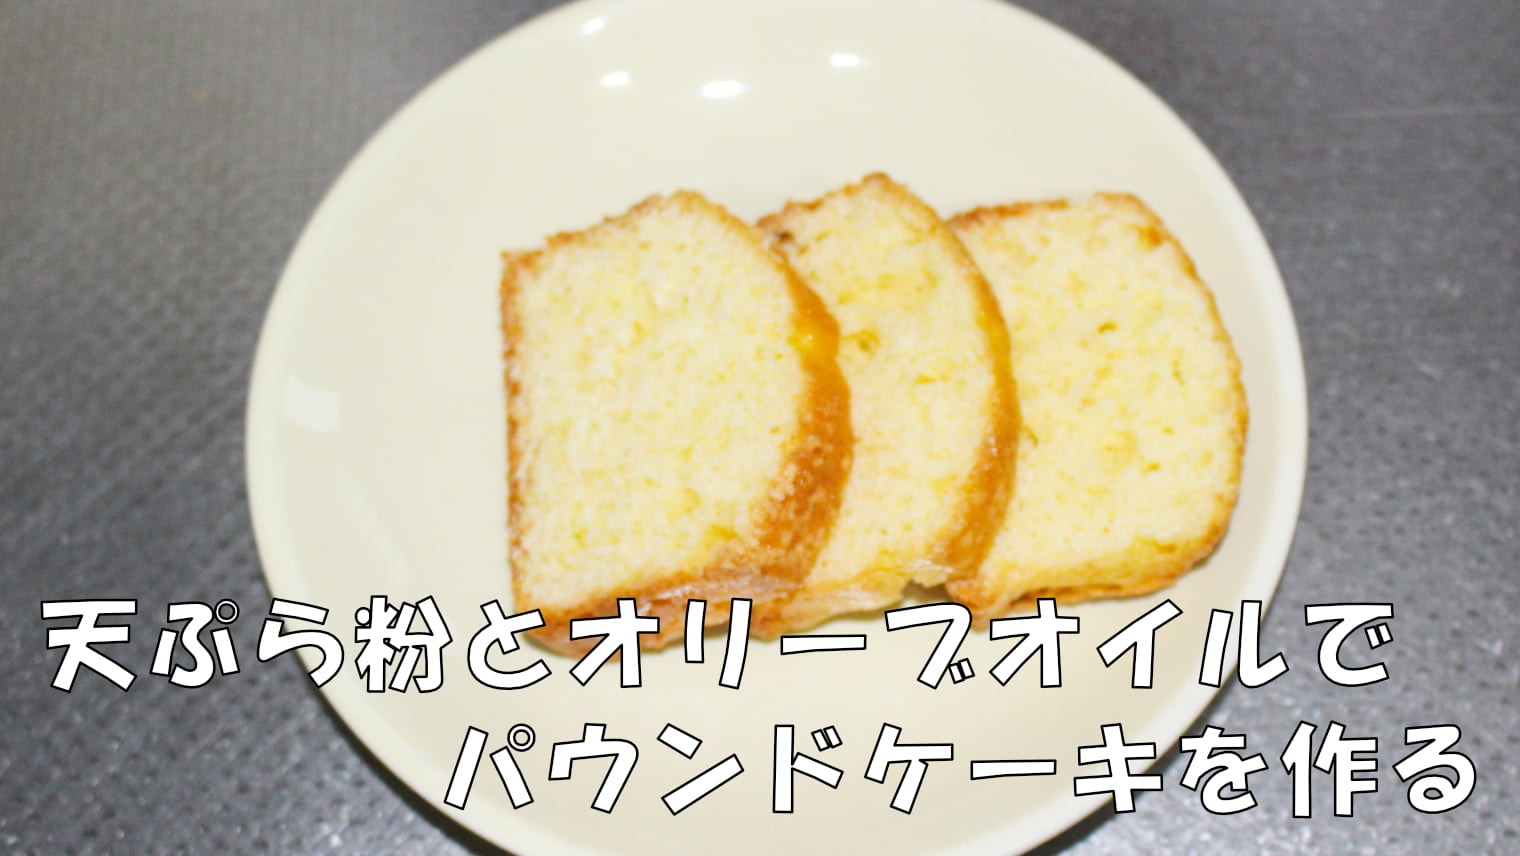 天ぷら粉&オリーブオイルで簡単!パウンドケーキのレシピ